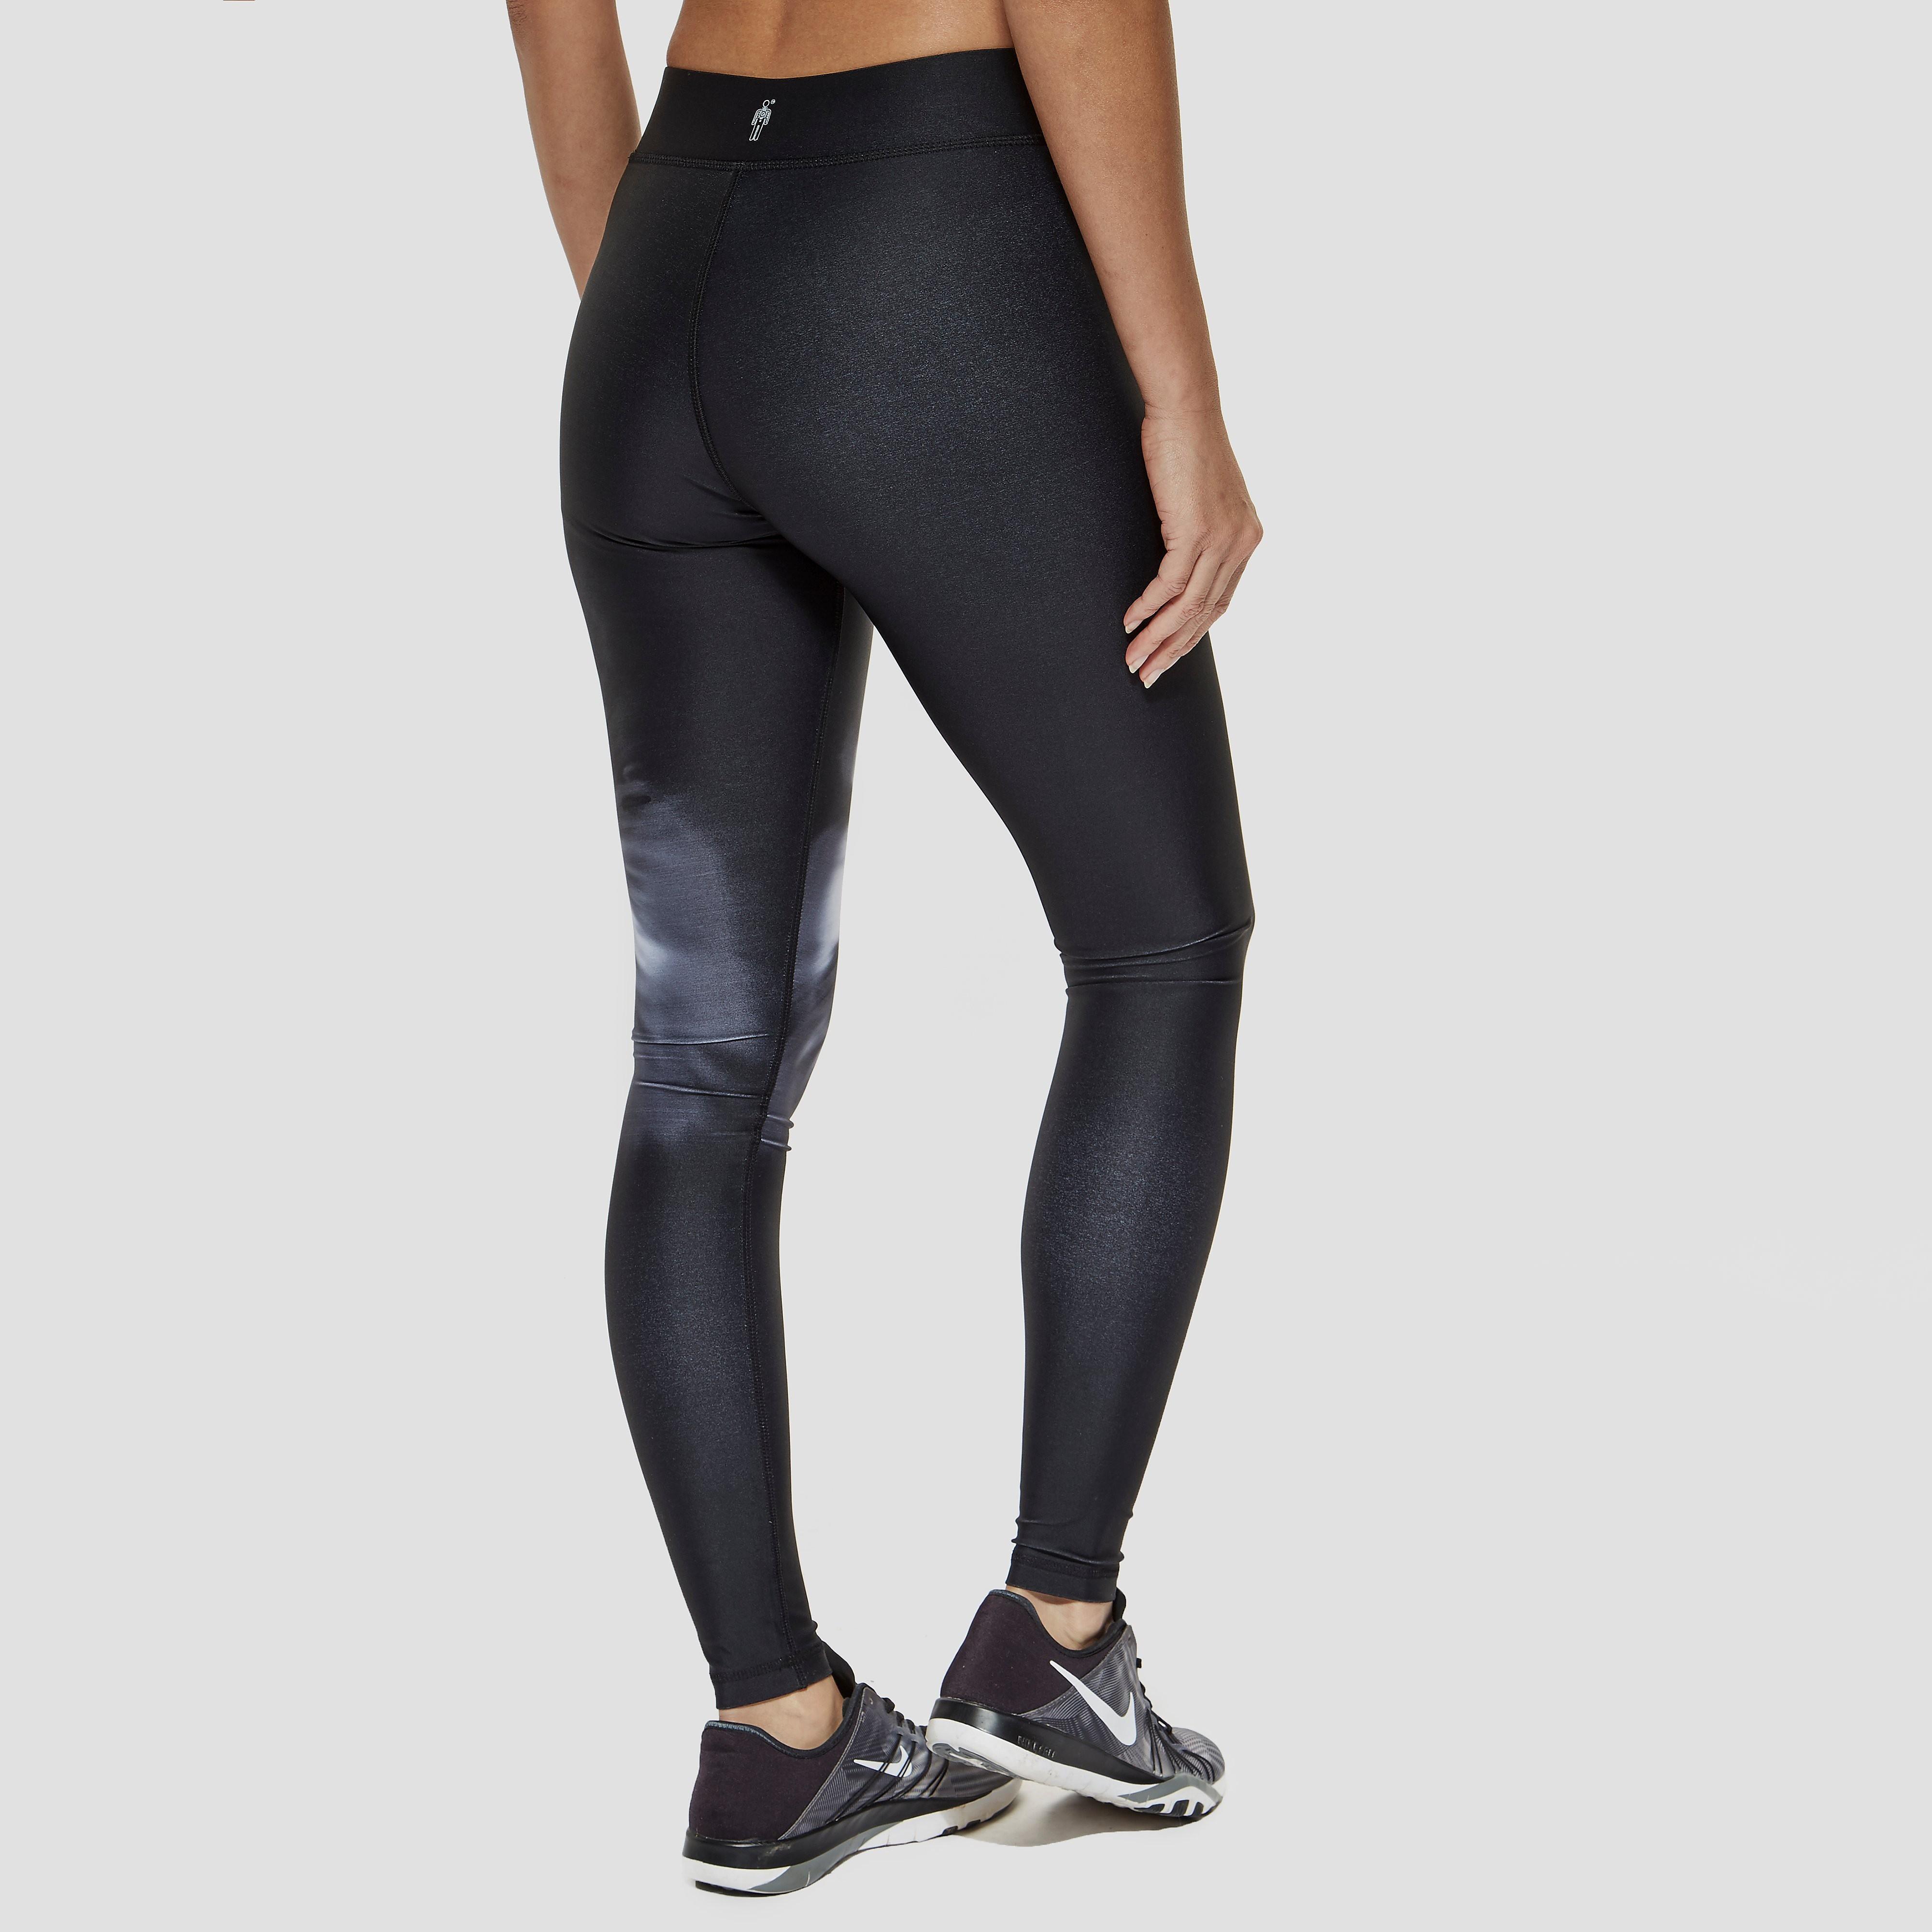 hpe Soho Sunrise Women's Leggings